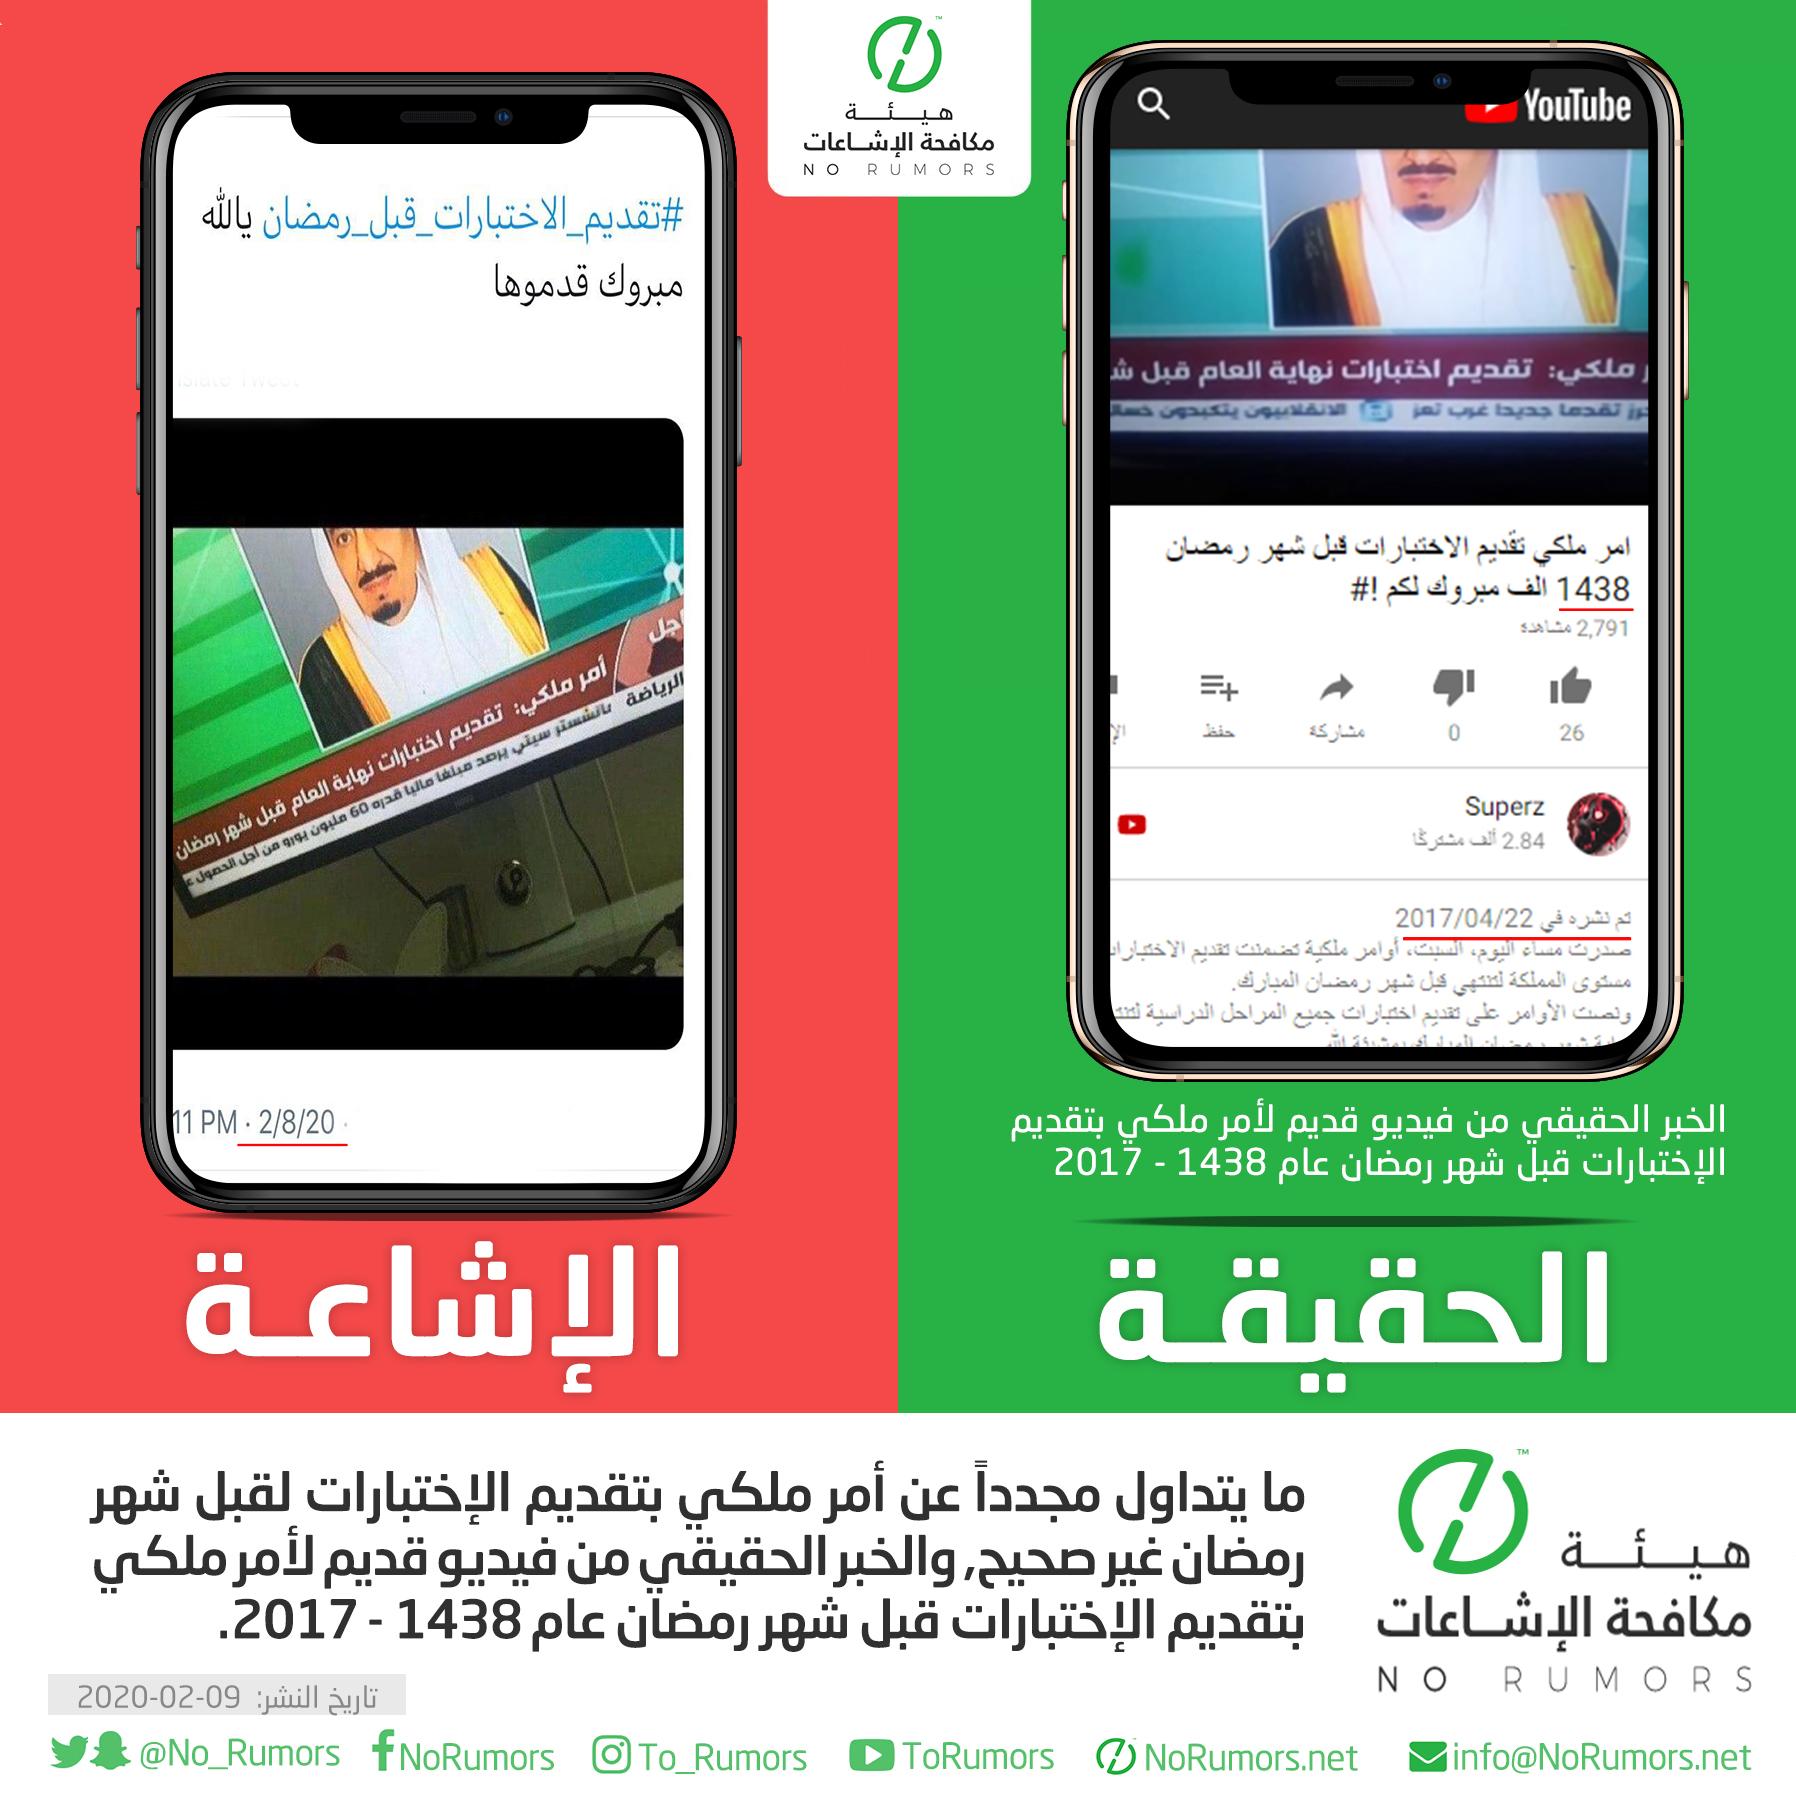 حقيقة تقديم الإختبارات لقبل شهر رمضان في السعودية